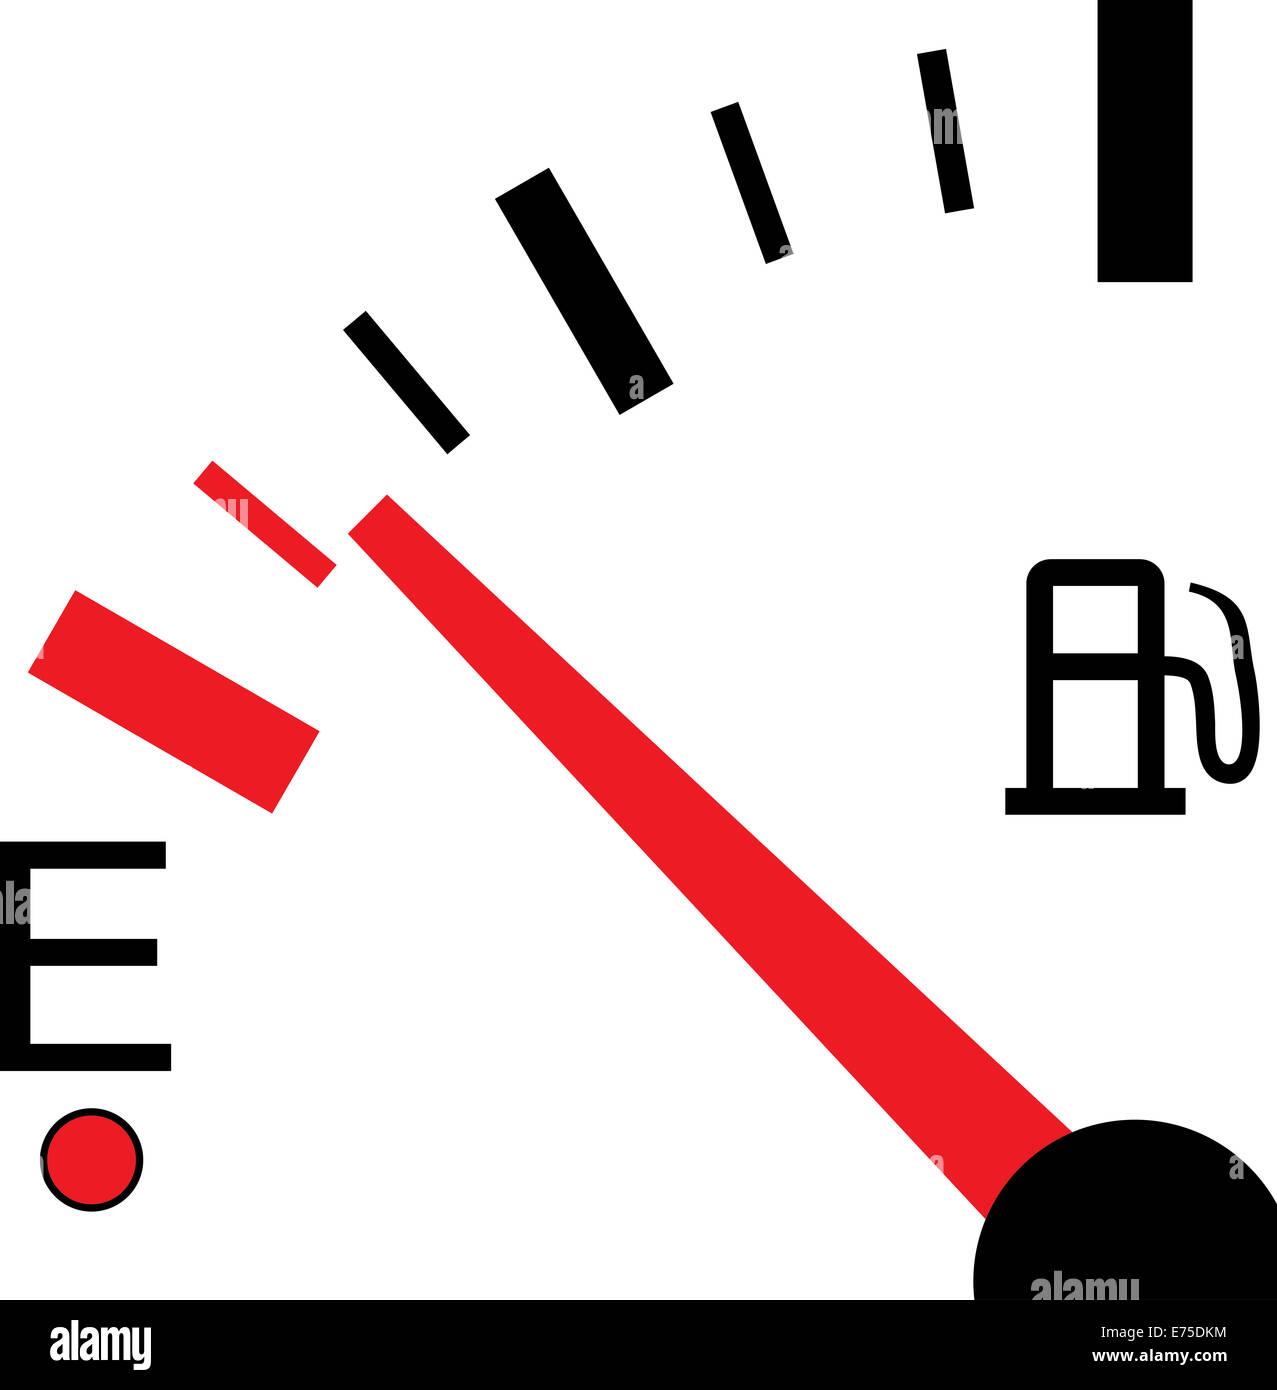 Una illustrazione di un indicatore del livello del combustibile su sfondo bianco Immagini Stock